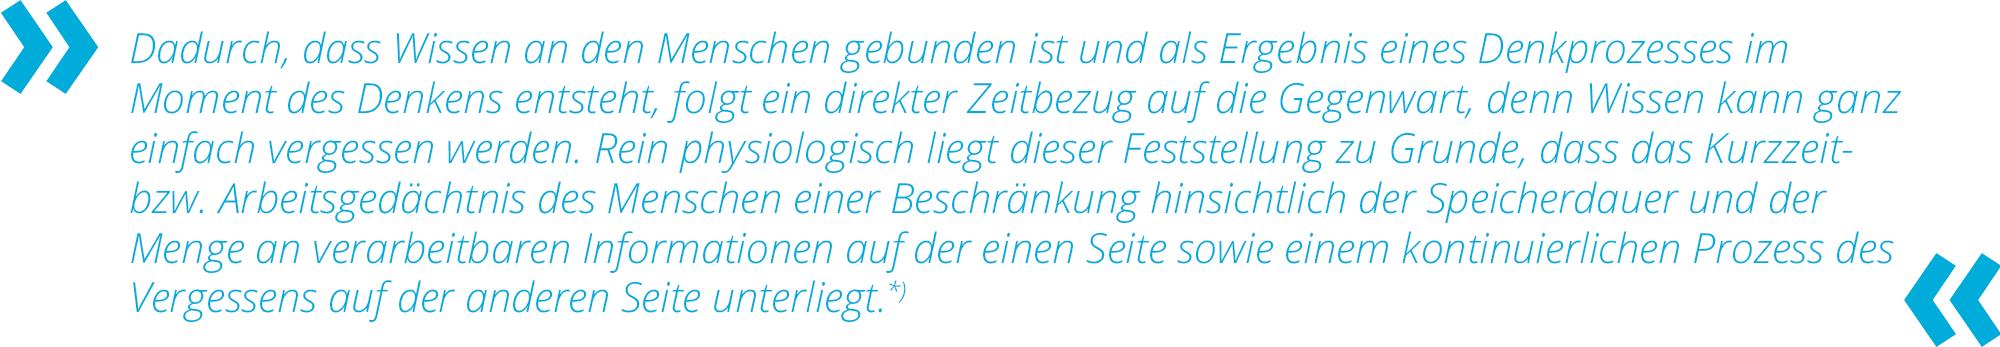 Zitat-Schmid-Kempa-Liehr